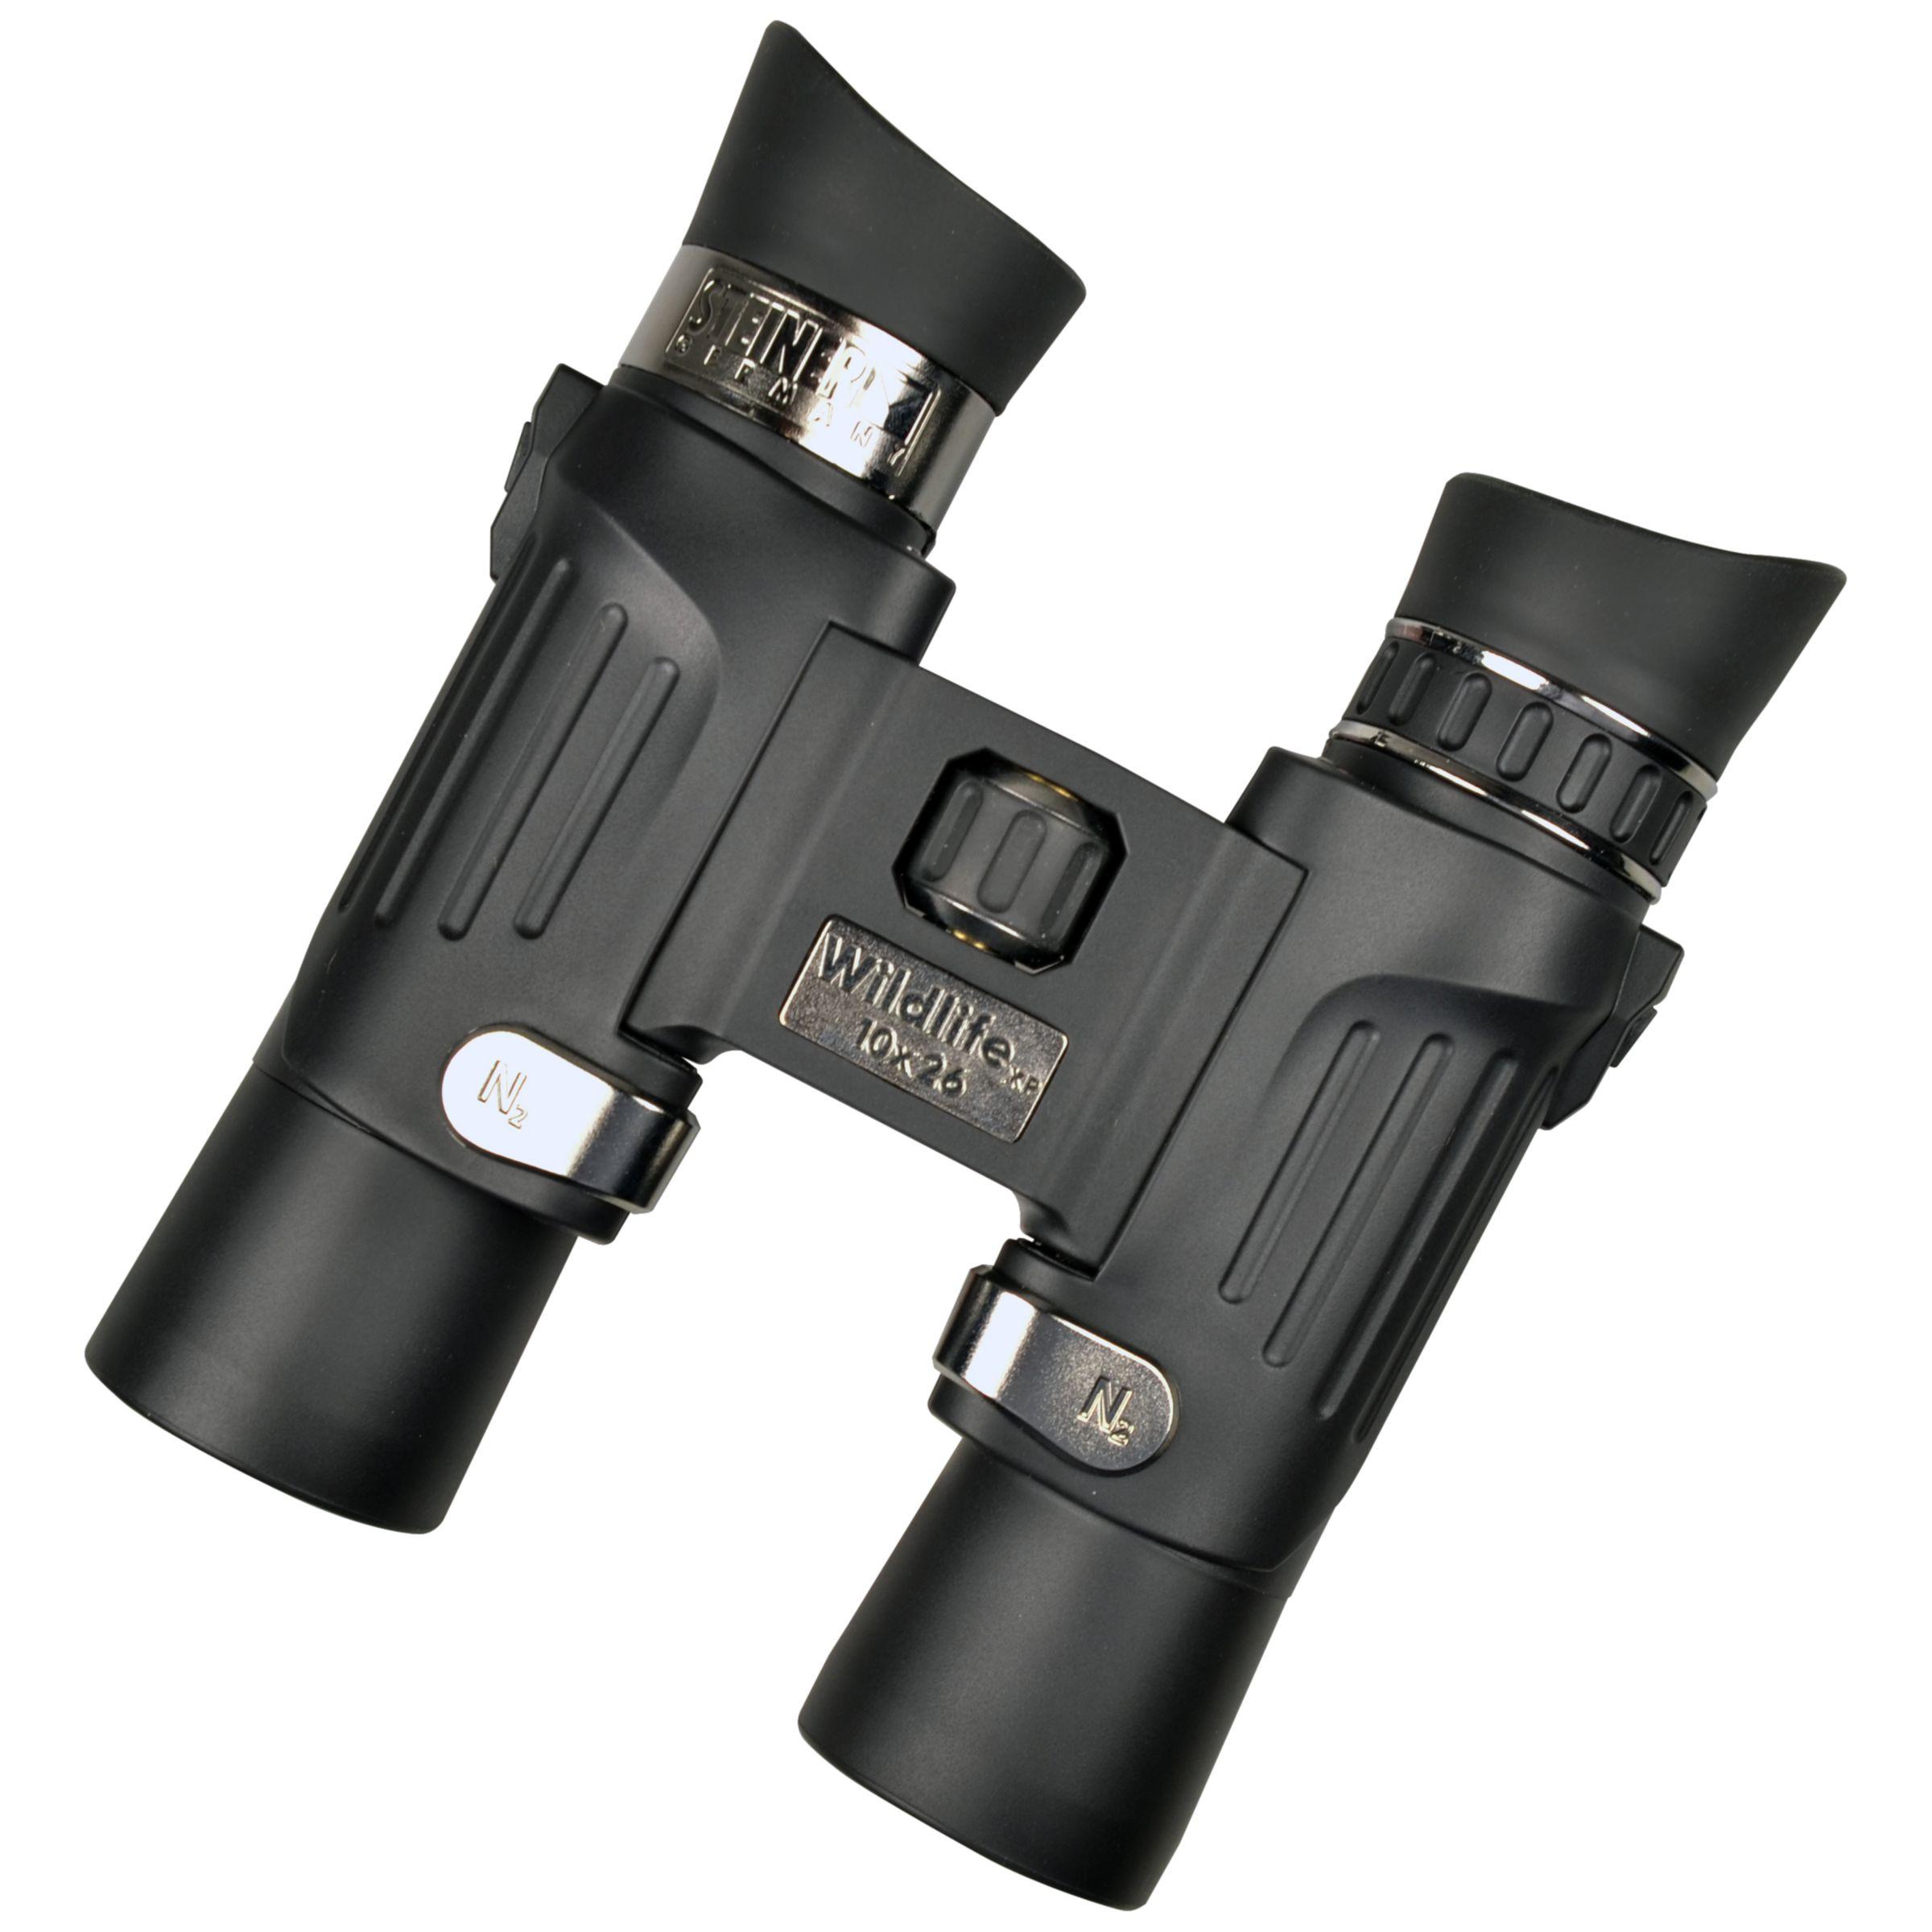 Steiner Steiner Wildlife XP Binoculars, 10 x 26